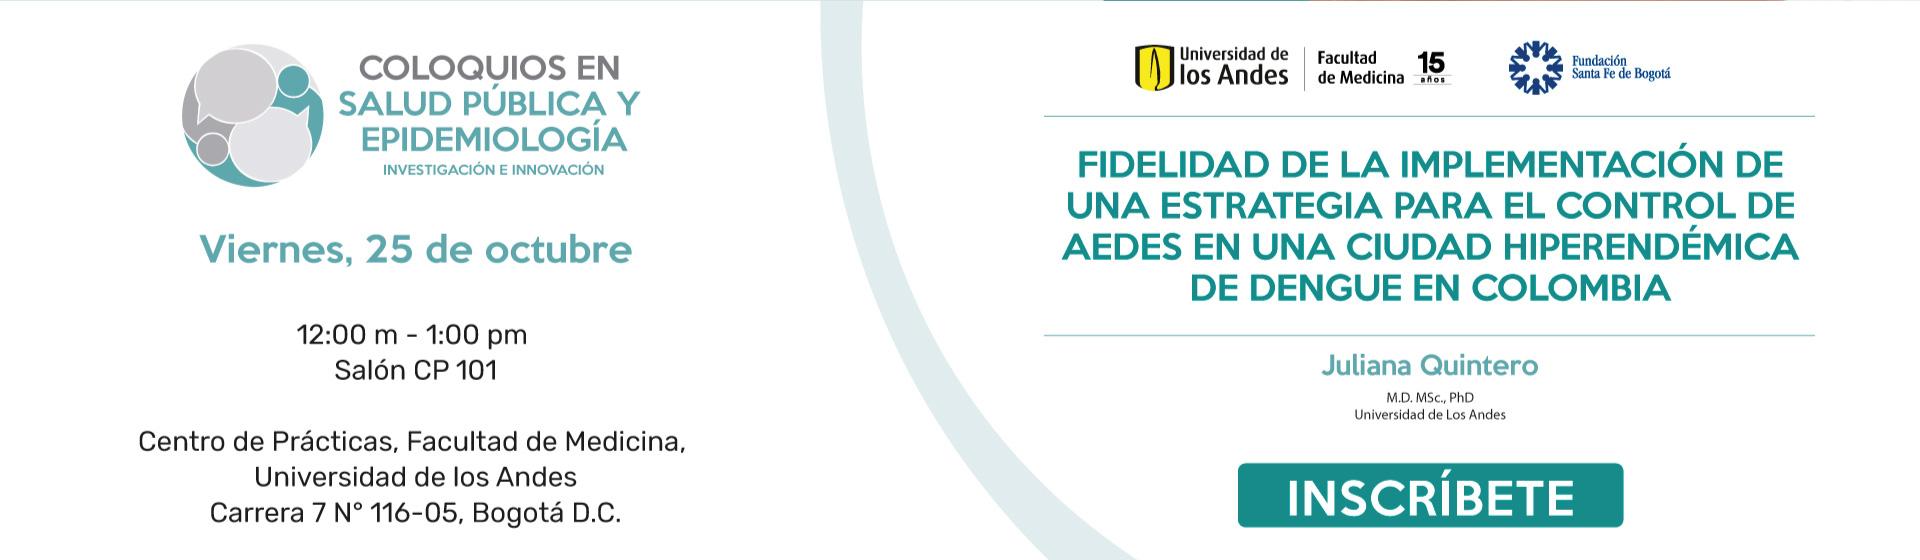 Fidelidad de la implementación de una estrategia para el control de Aedes